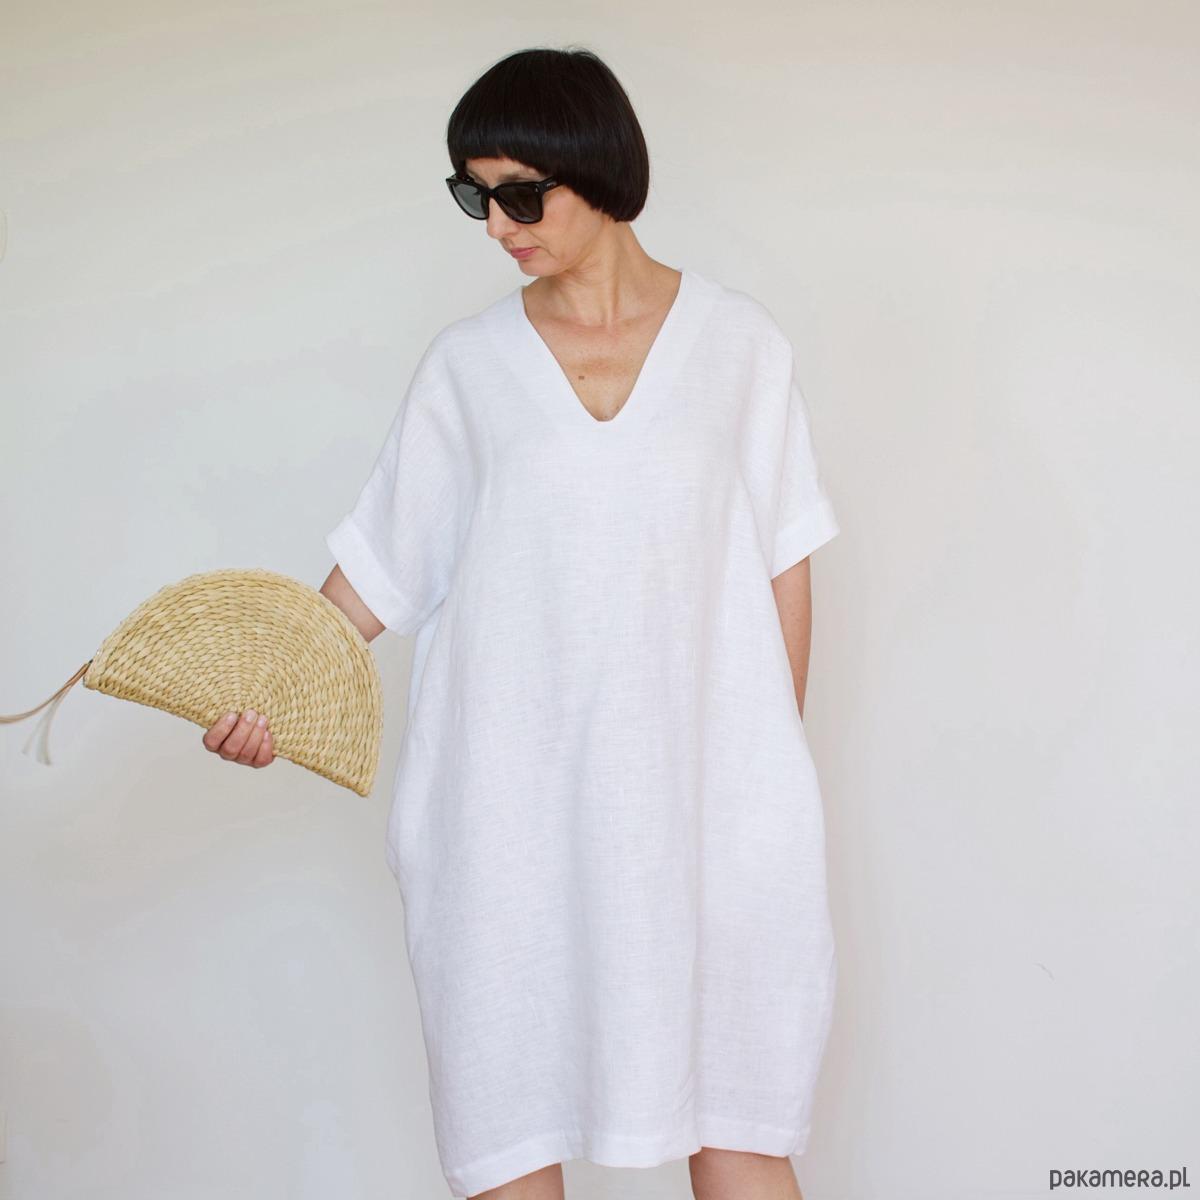 f82d0ee28f6d1a Lniana sukienka HARU - biała - Moda - sukienki - midi - Pakamera.pl